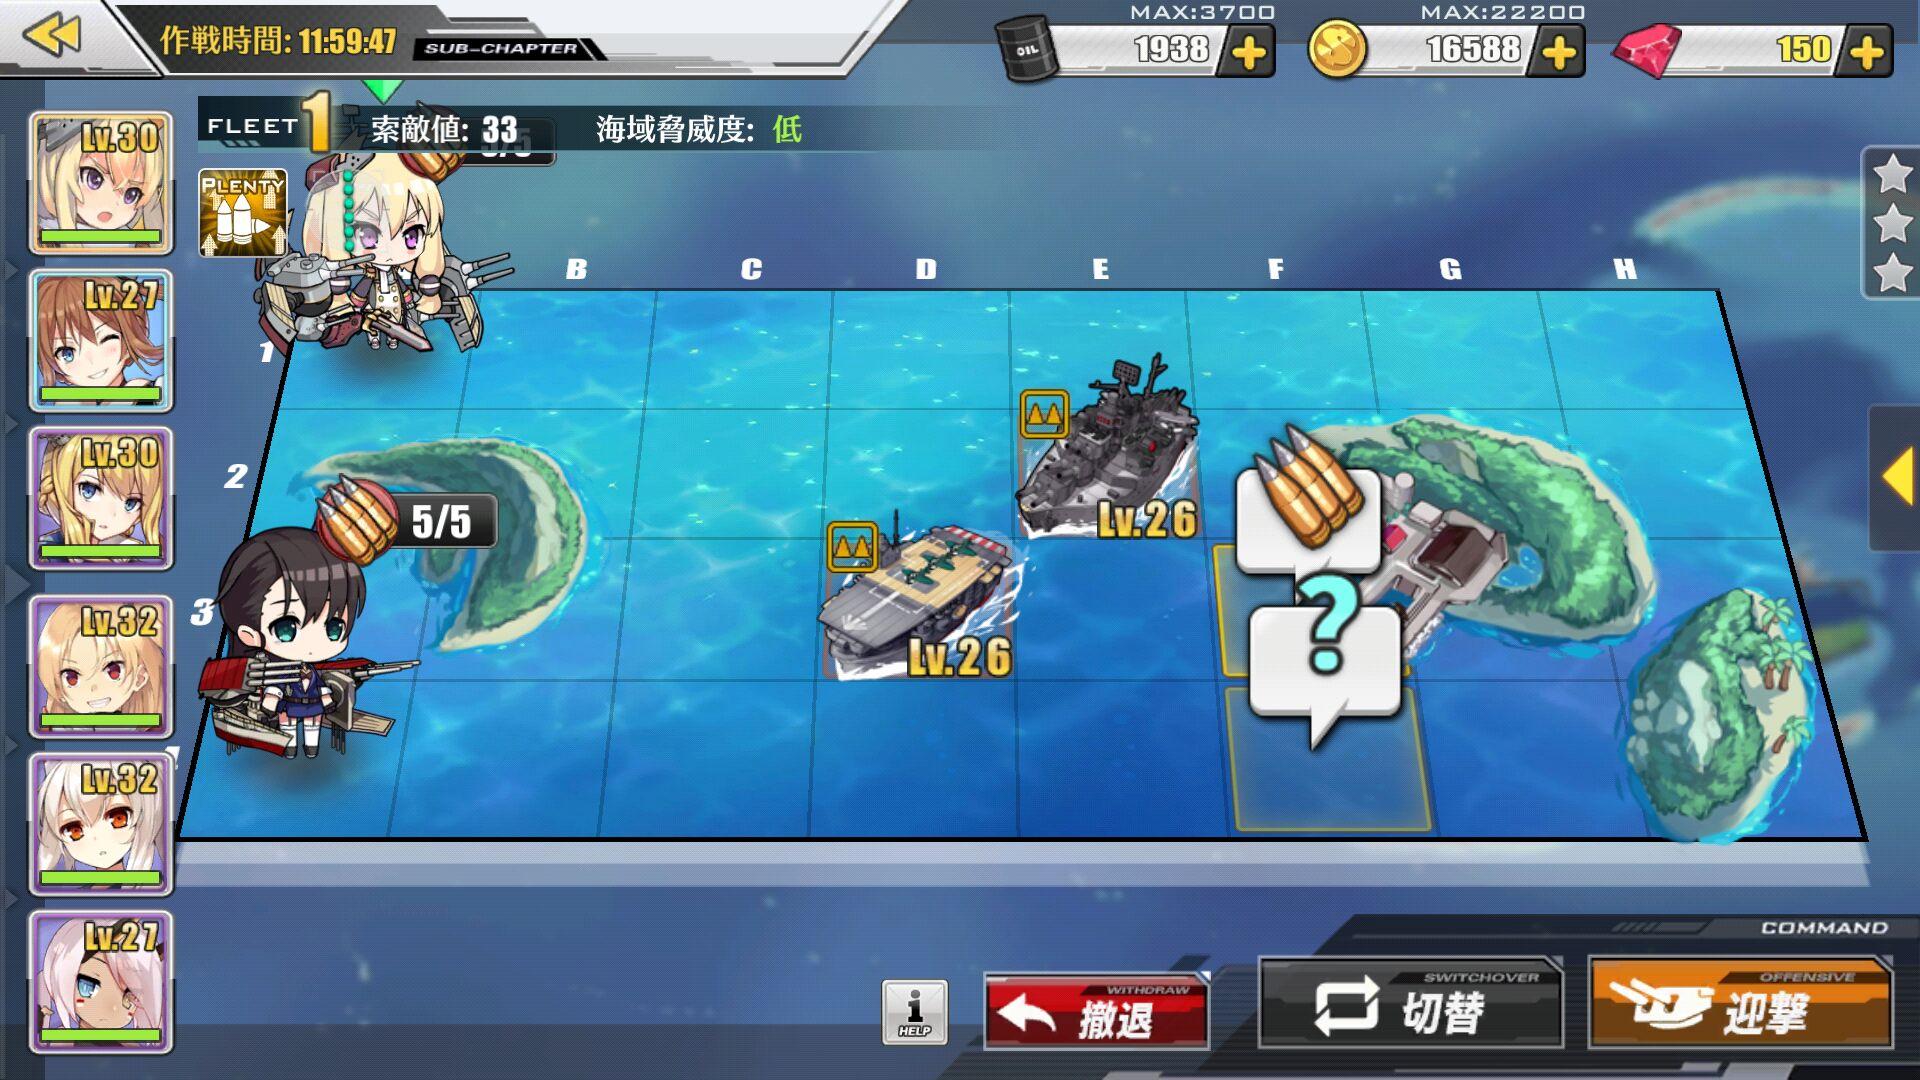 中華ゲームのアズールレーンの同人誌発売!けもフレ、FGO、デレマス、艦これから同人作家が大挙して移動中  [455425894]YouTube動画>1本 ->画像>131枚